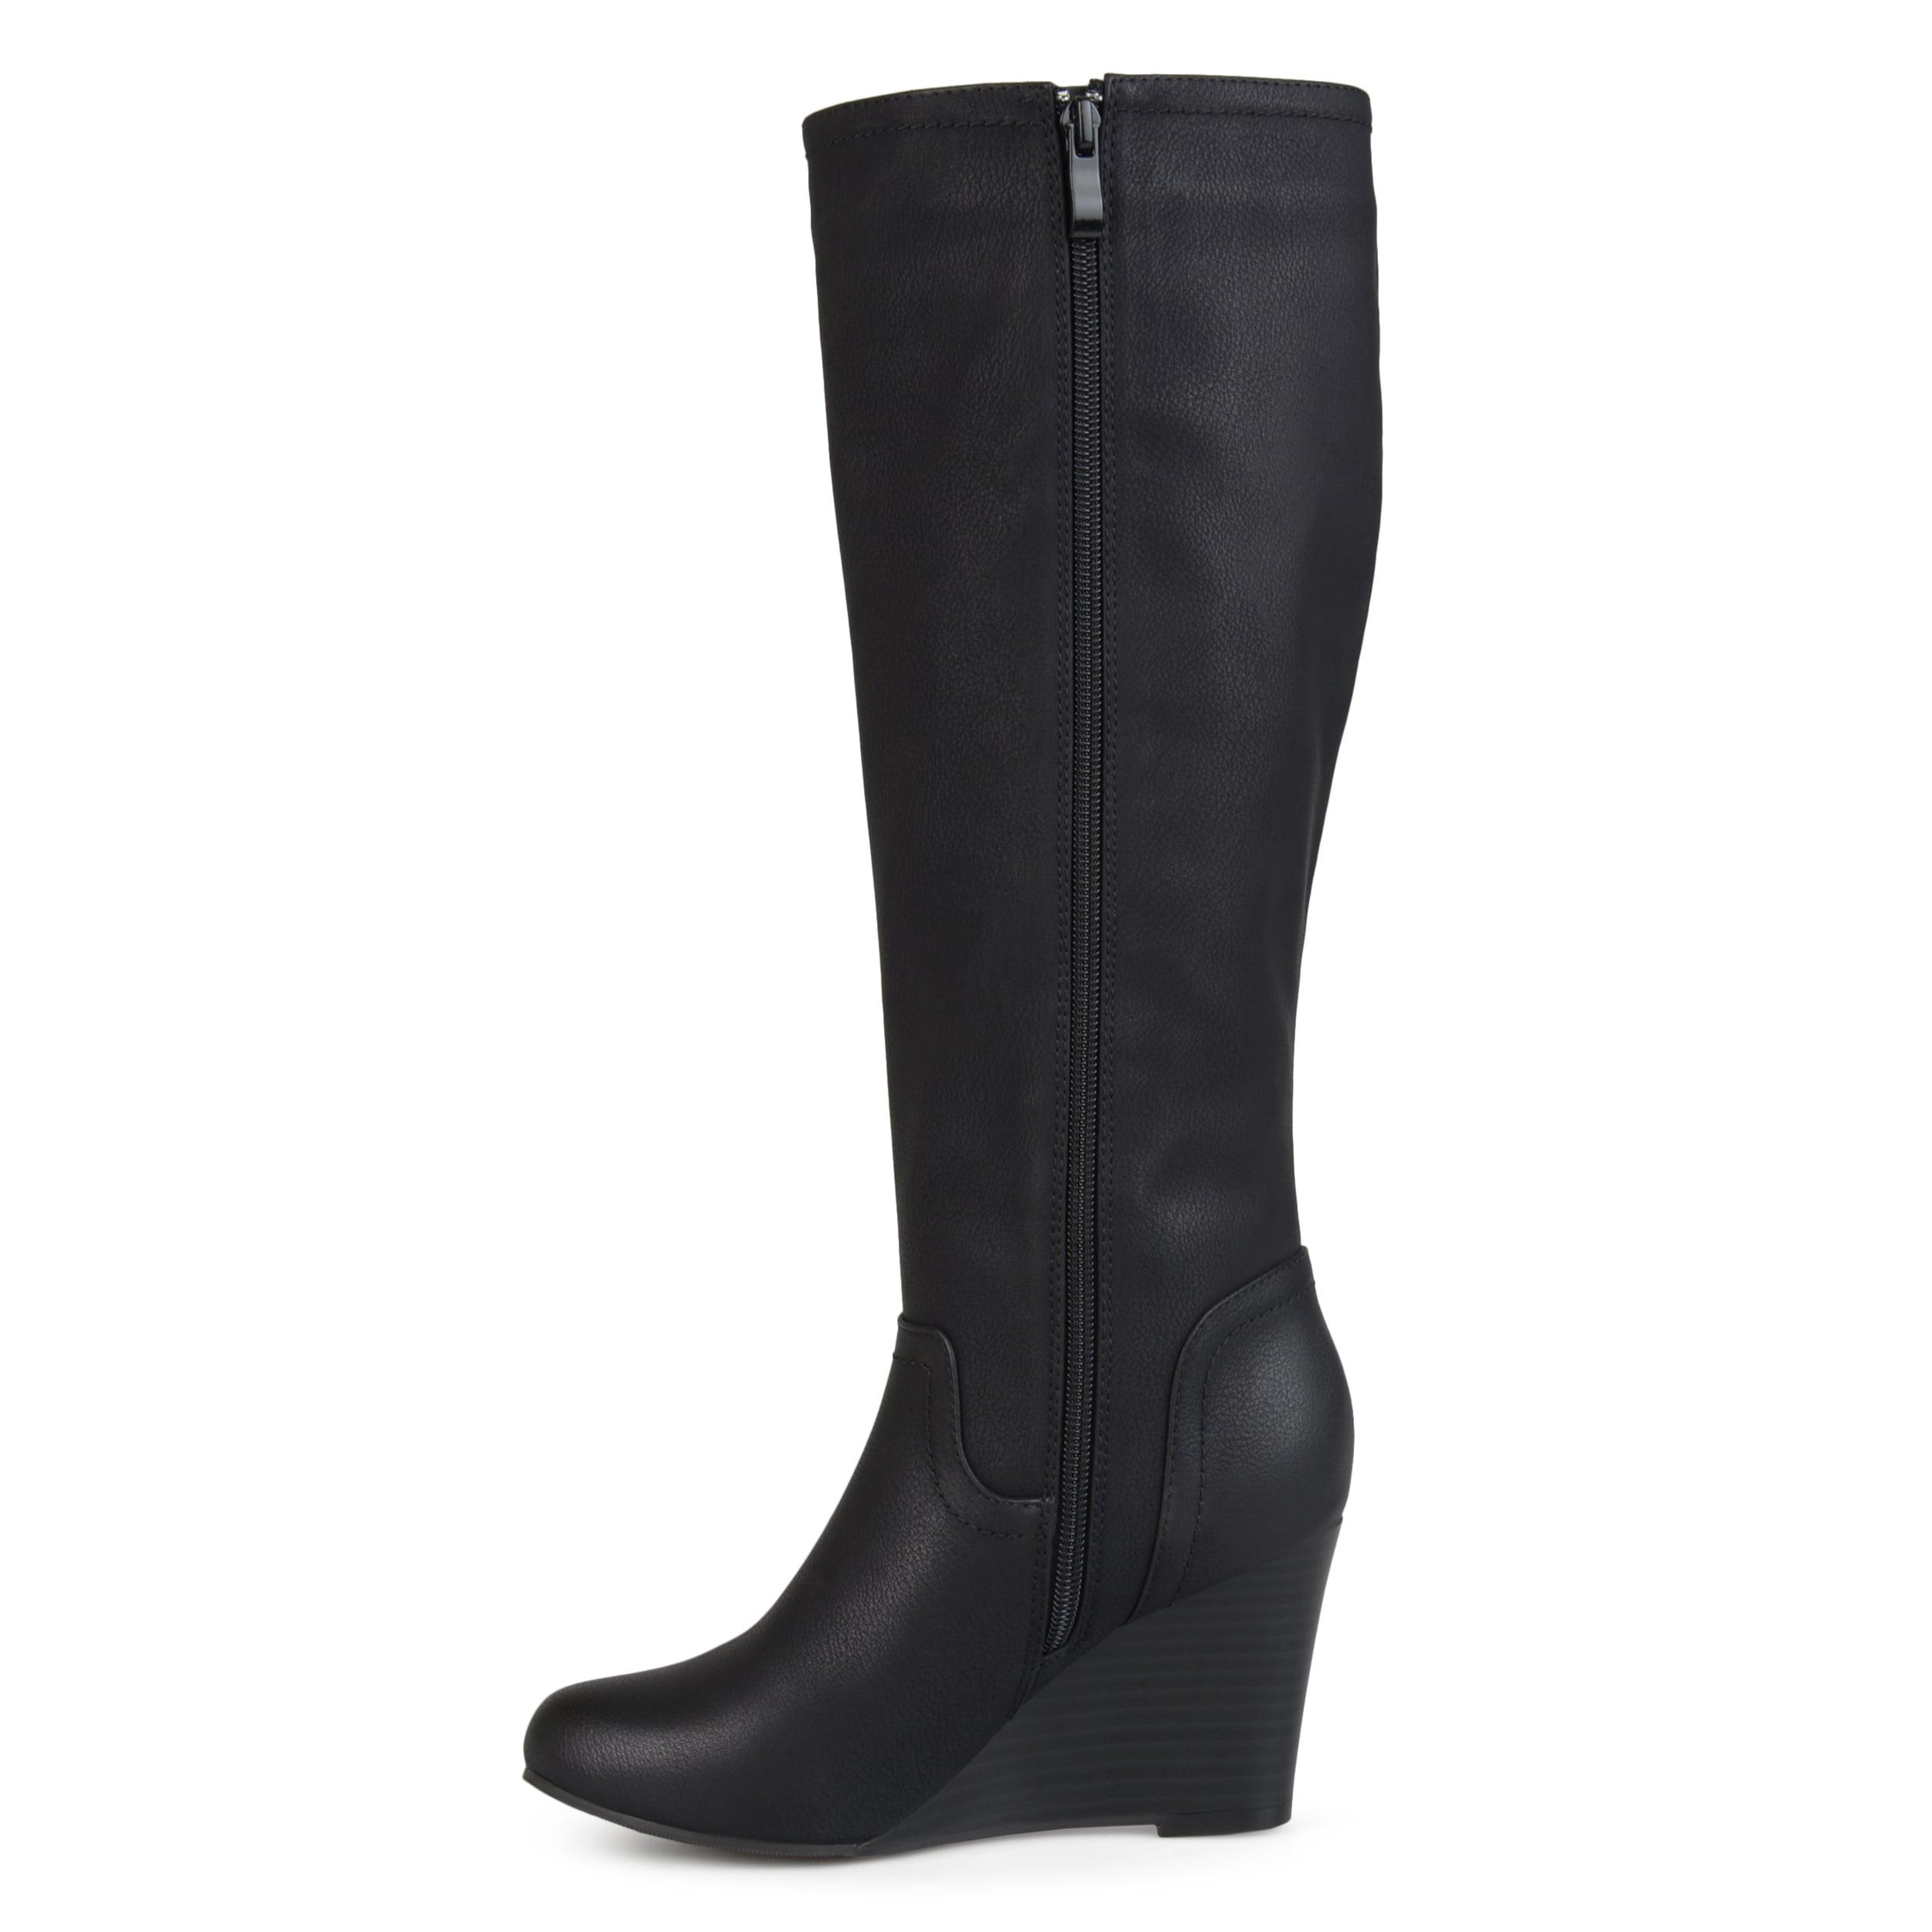 Wedge Heel Boots For Women